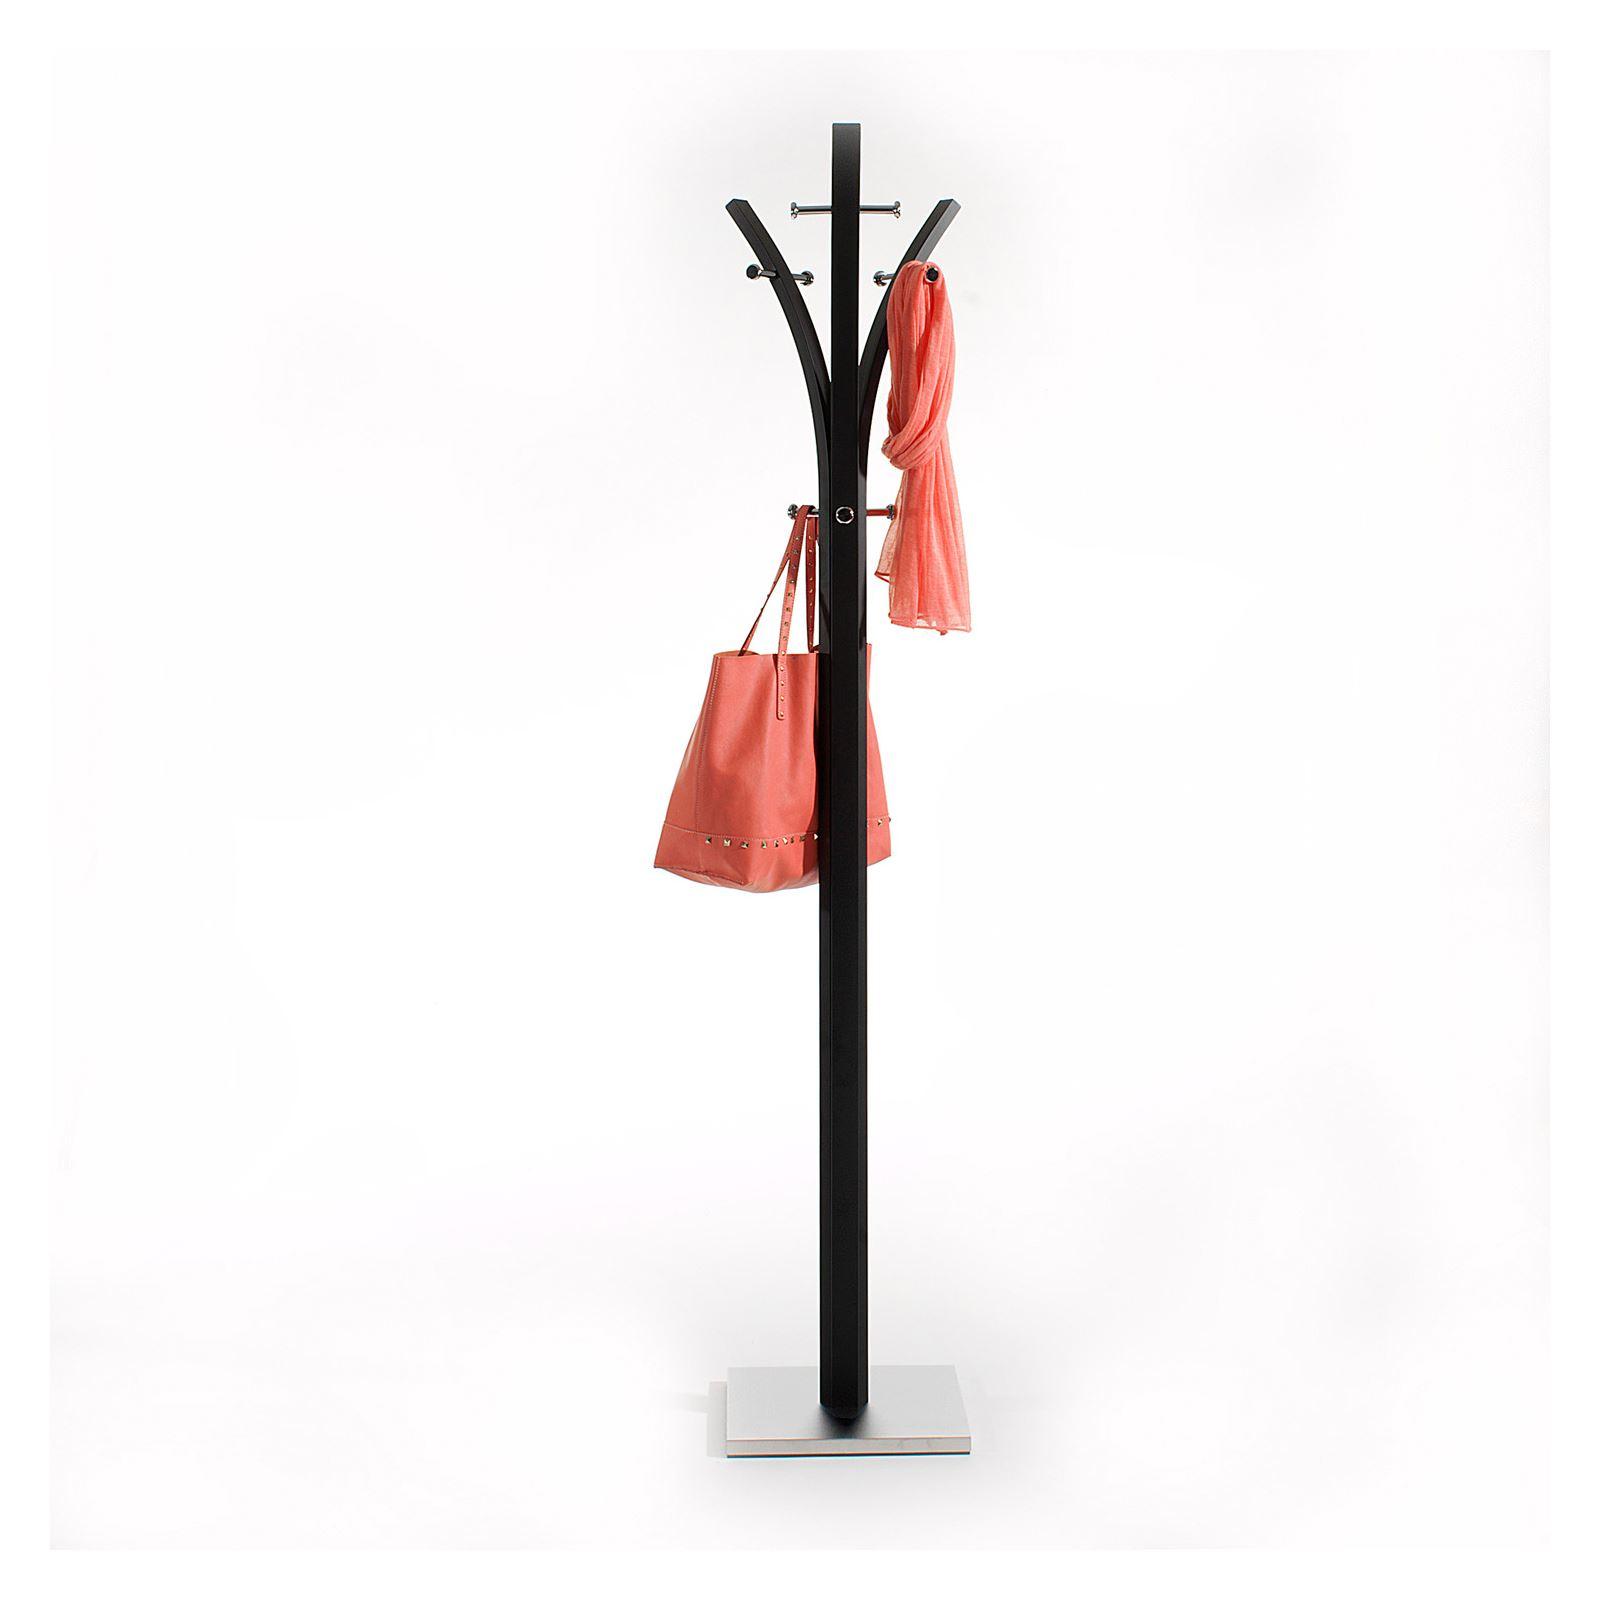 garderobenst nder denis in schwarz mobilia24. Black Bedroom Furniture Sets. Home Design Ideas